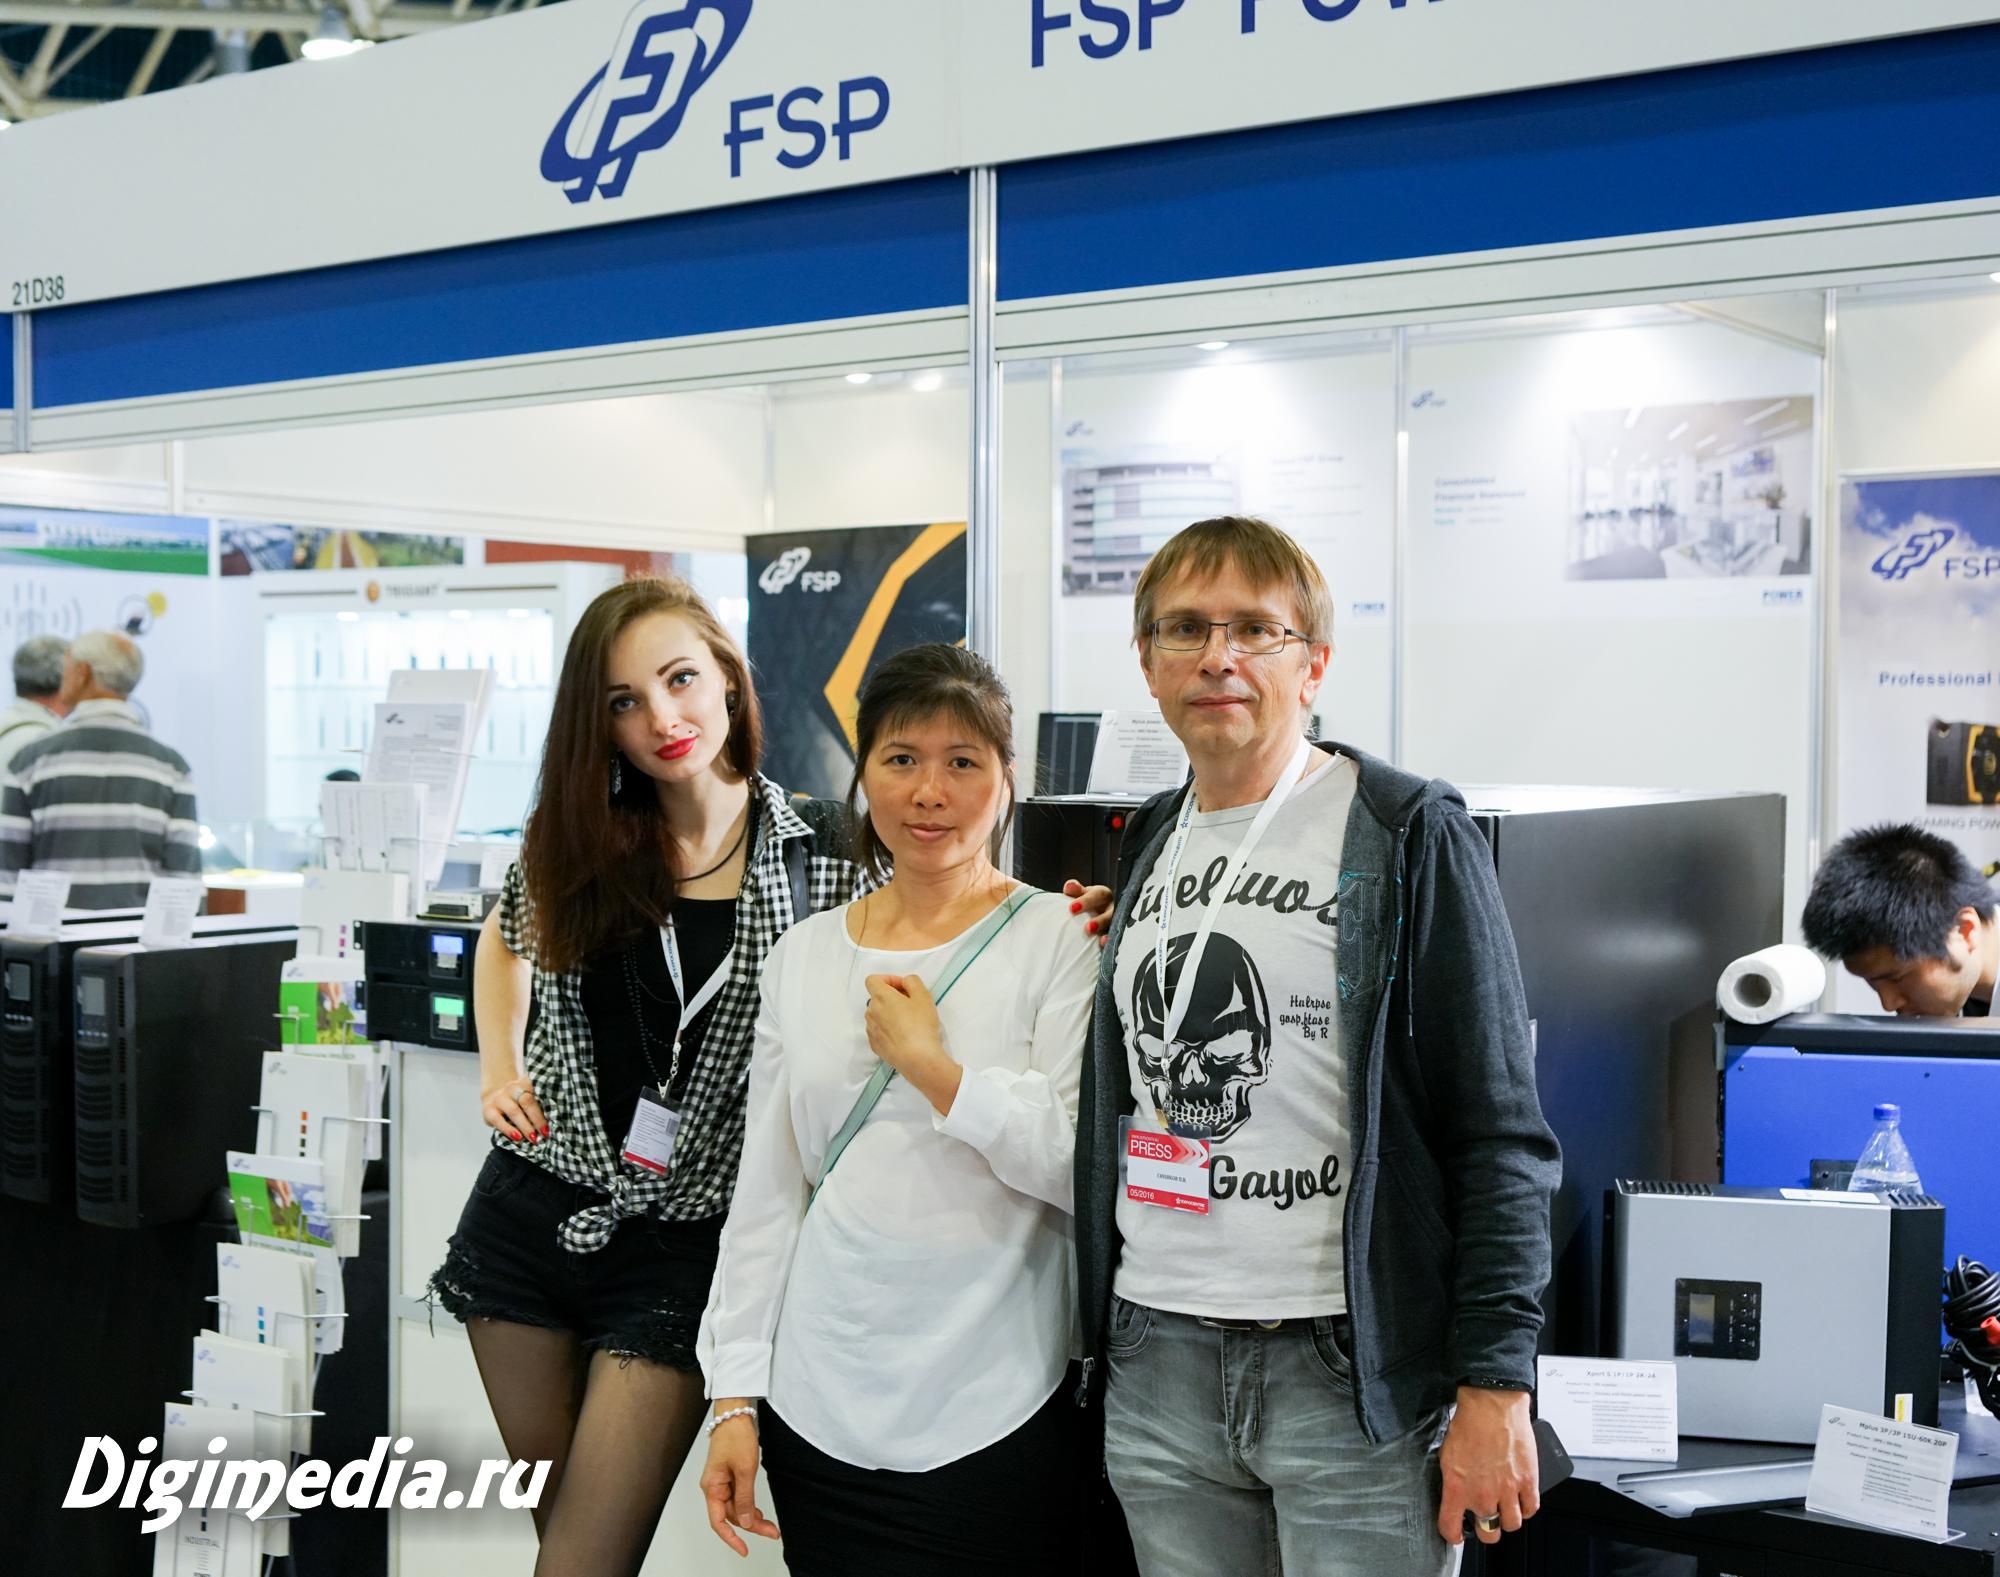 FSP Galleon